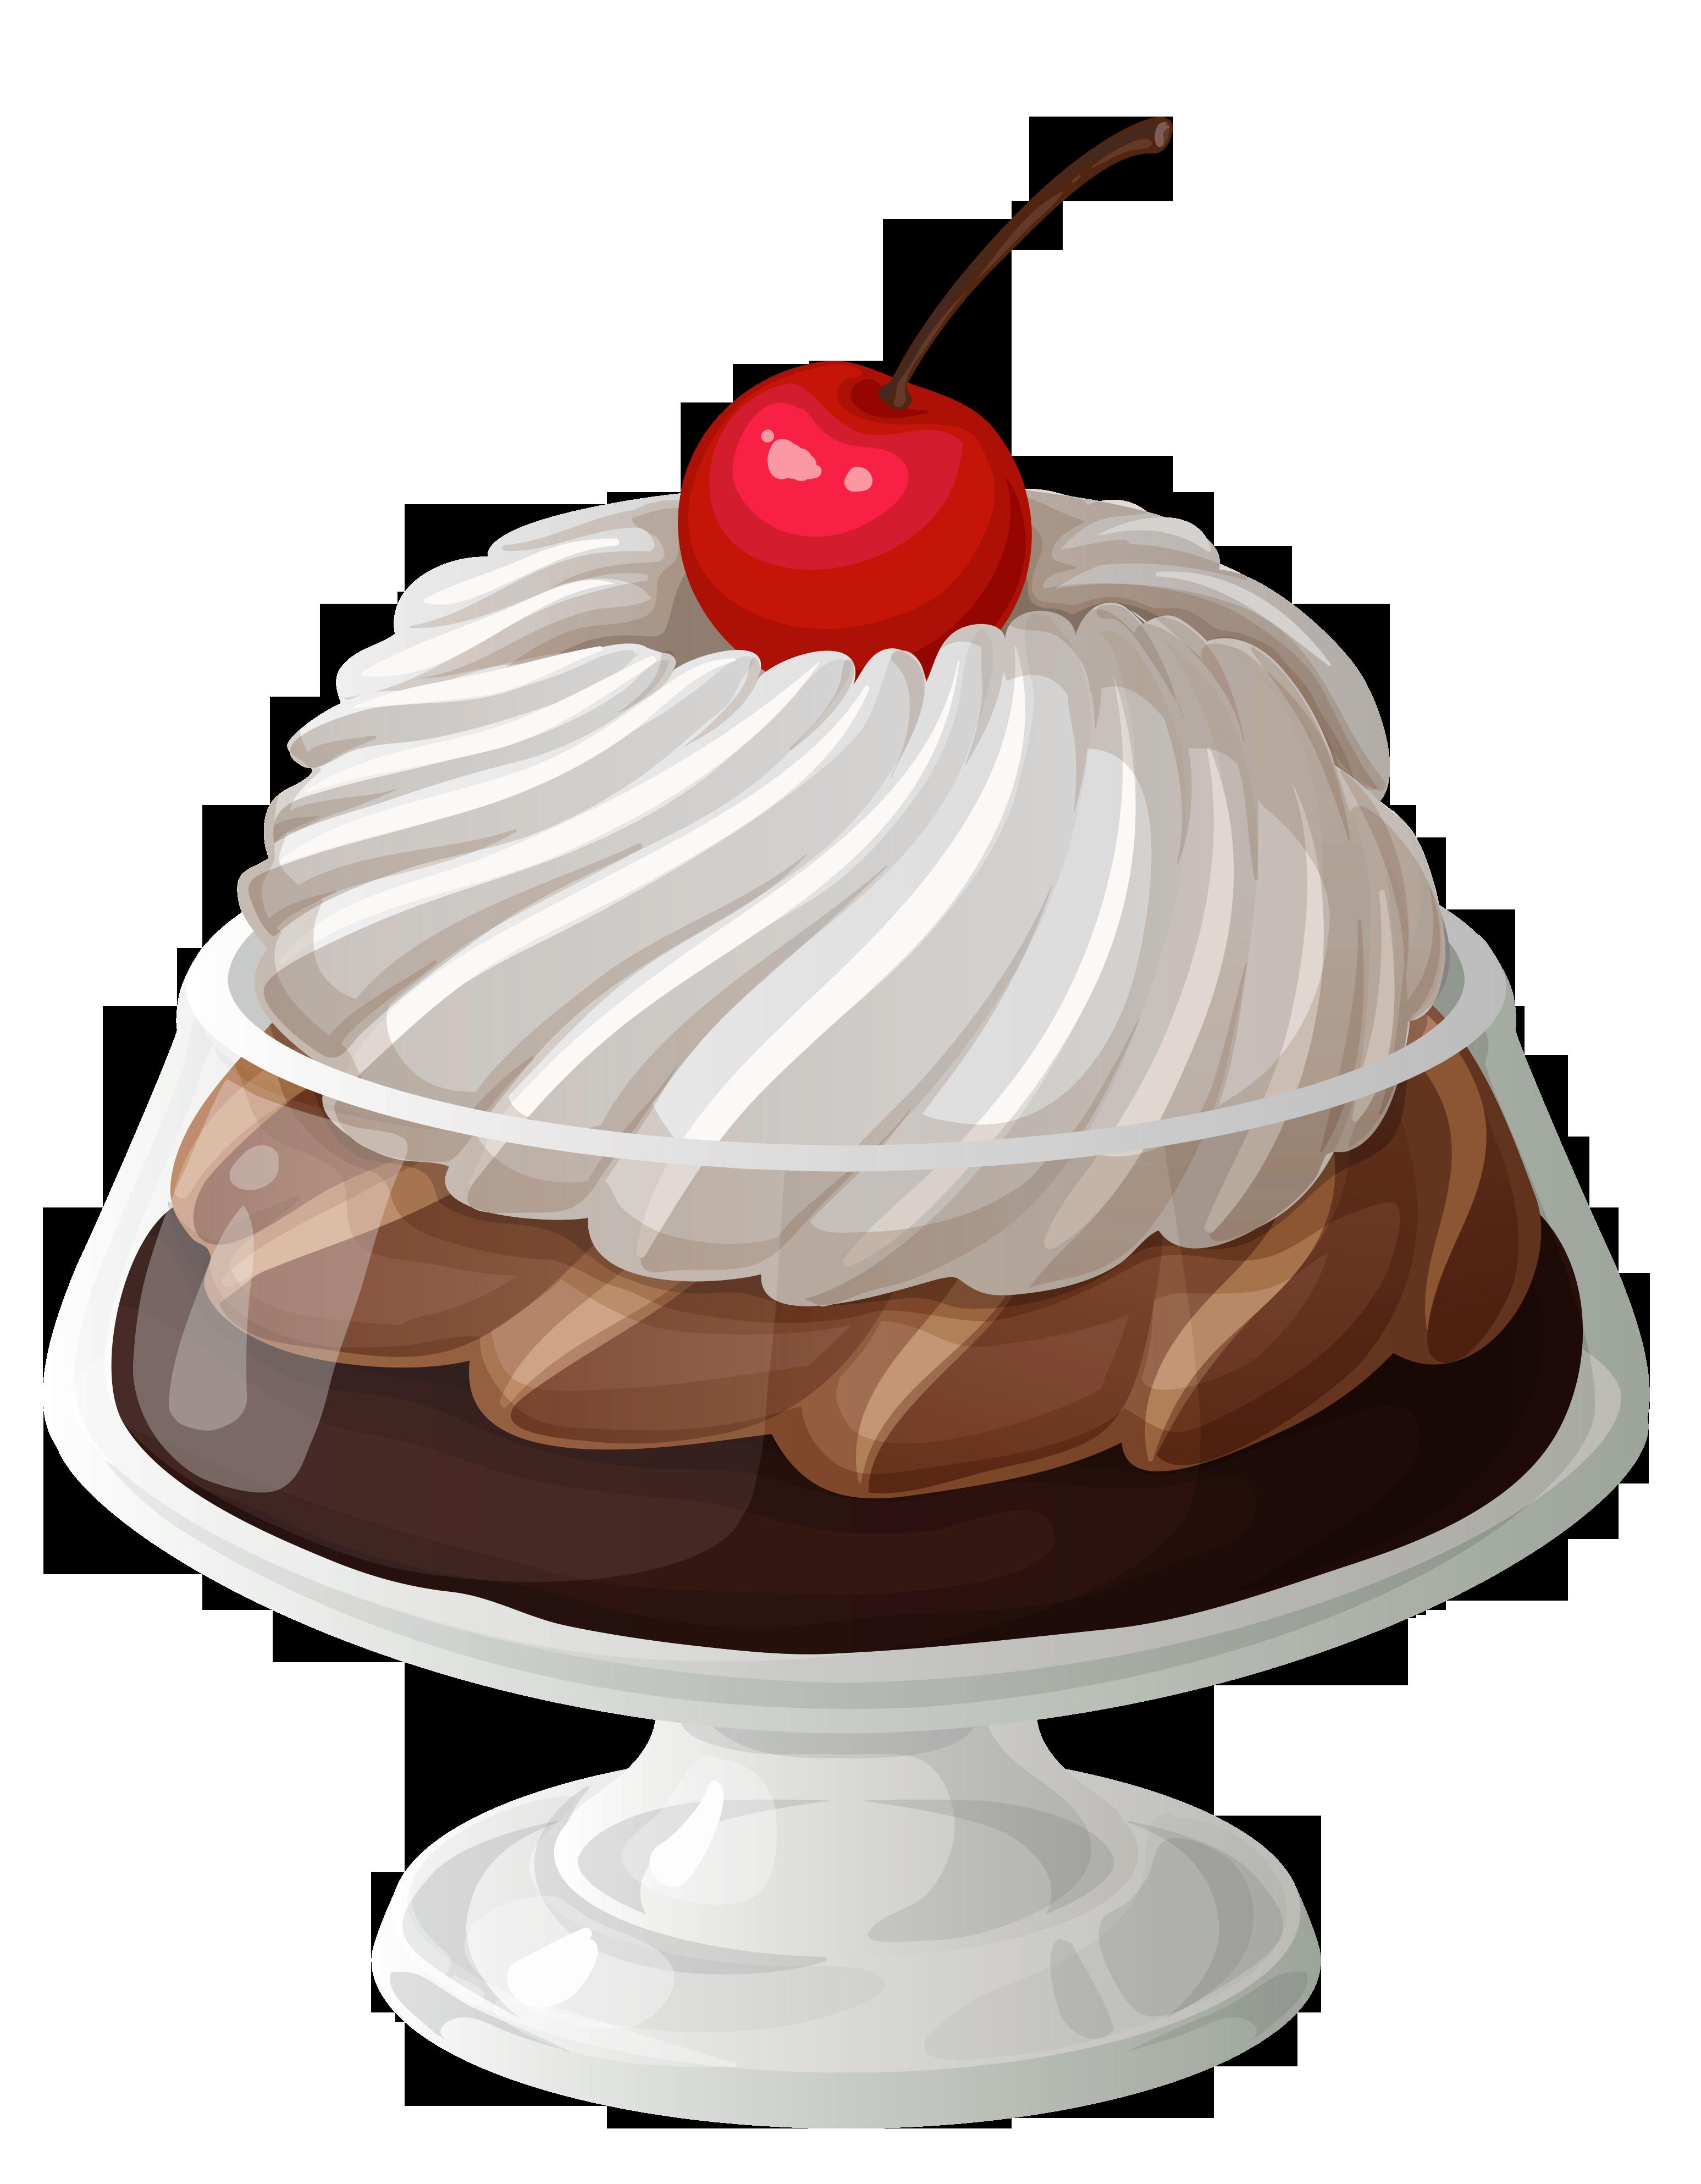 Desserts clipart hot fudge sundae. Chocolate ice cream transparent